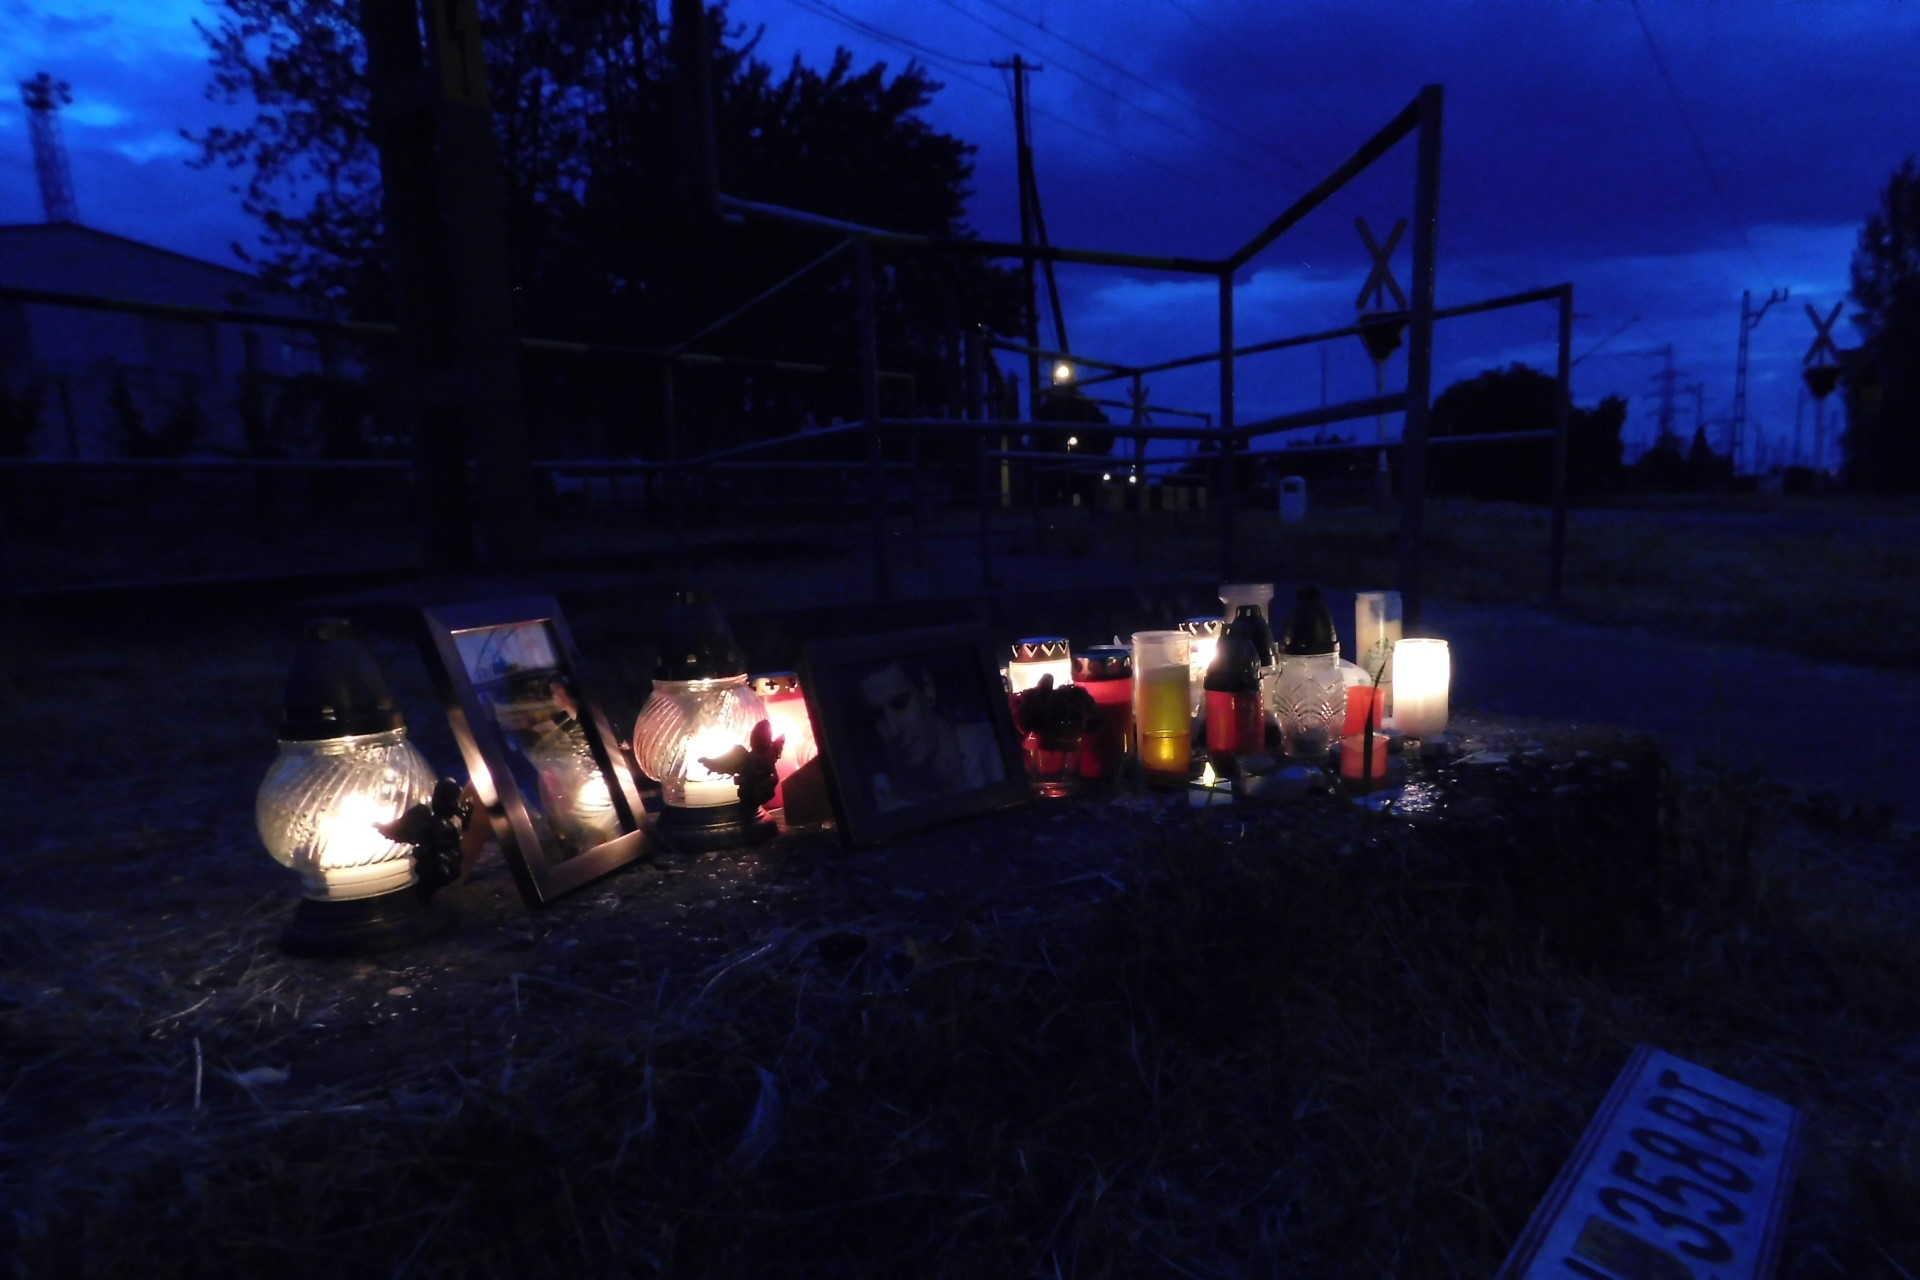 A nap szinte minden órájában jönnek megemlékezni az áldozatokról, minden este mécsesek ragyogják be a sötétséget.